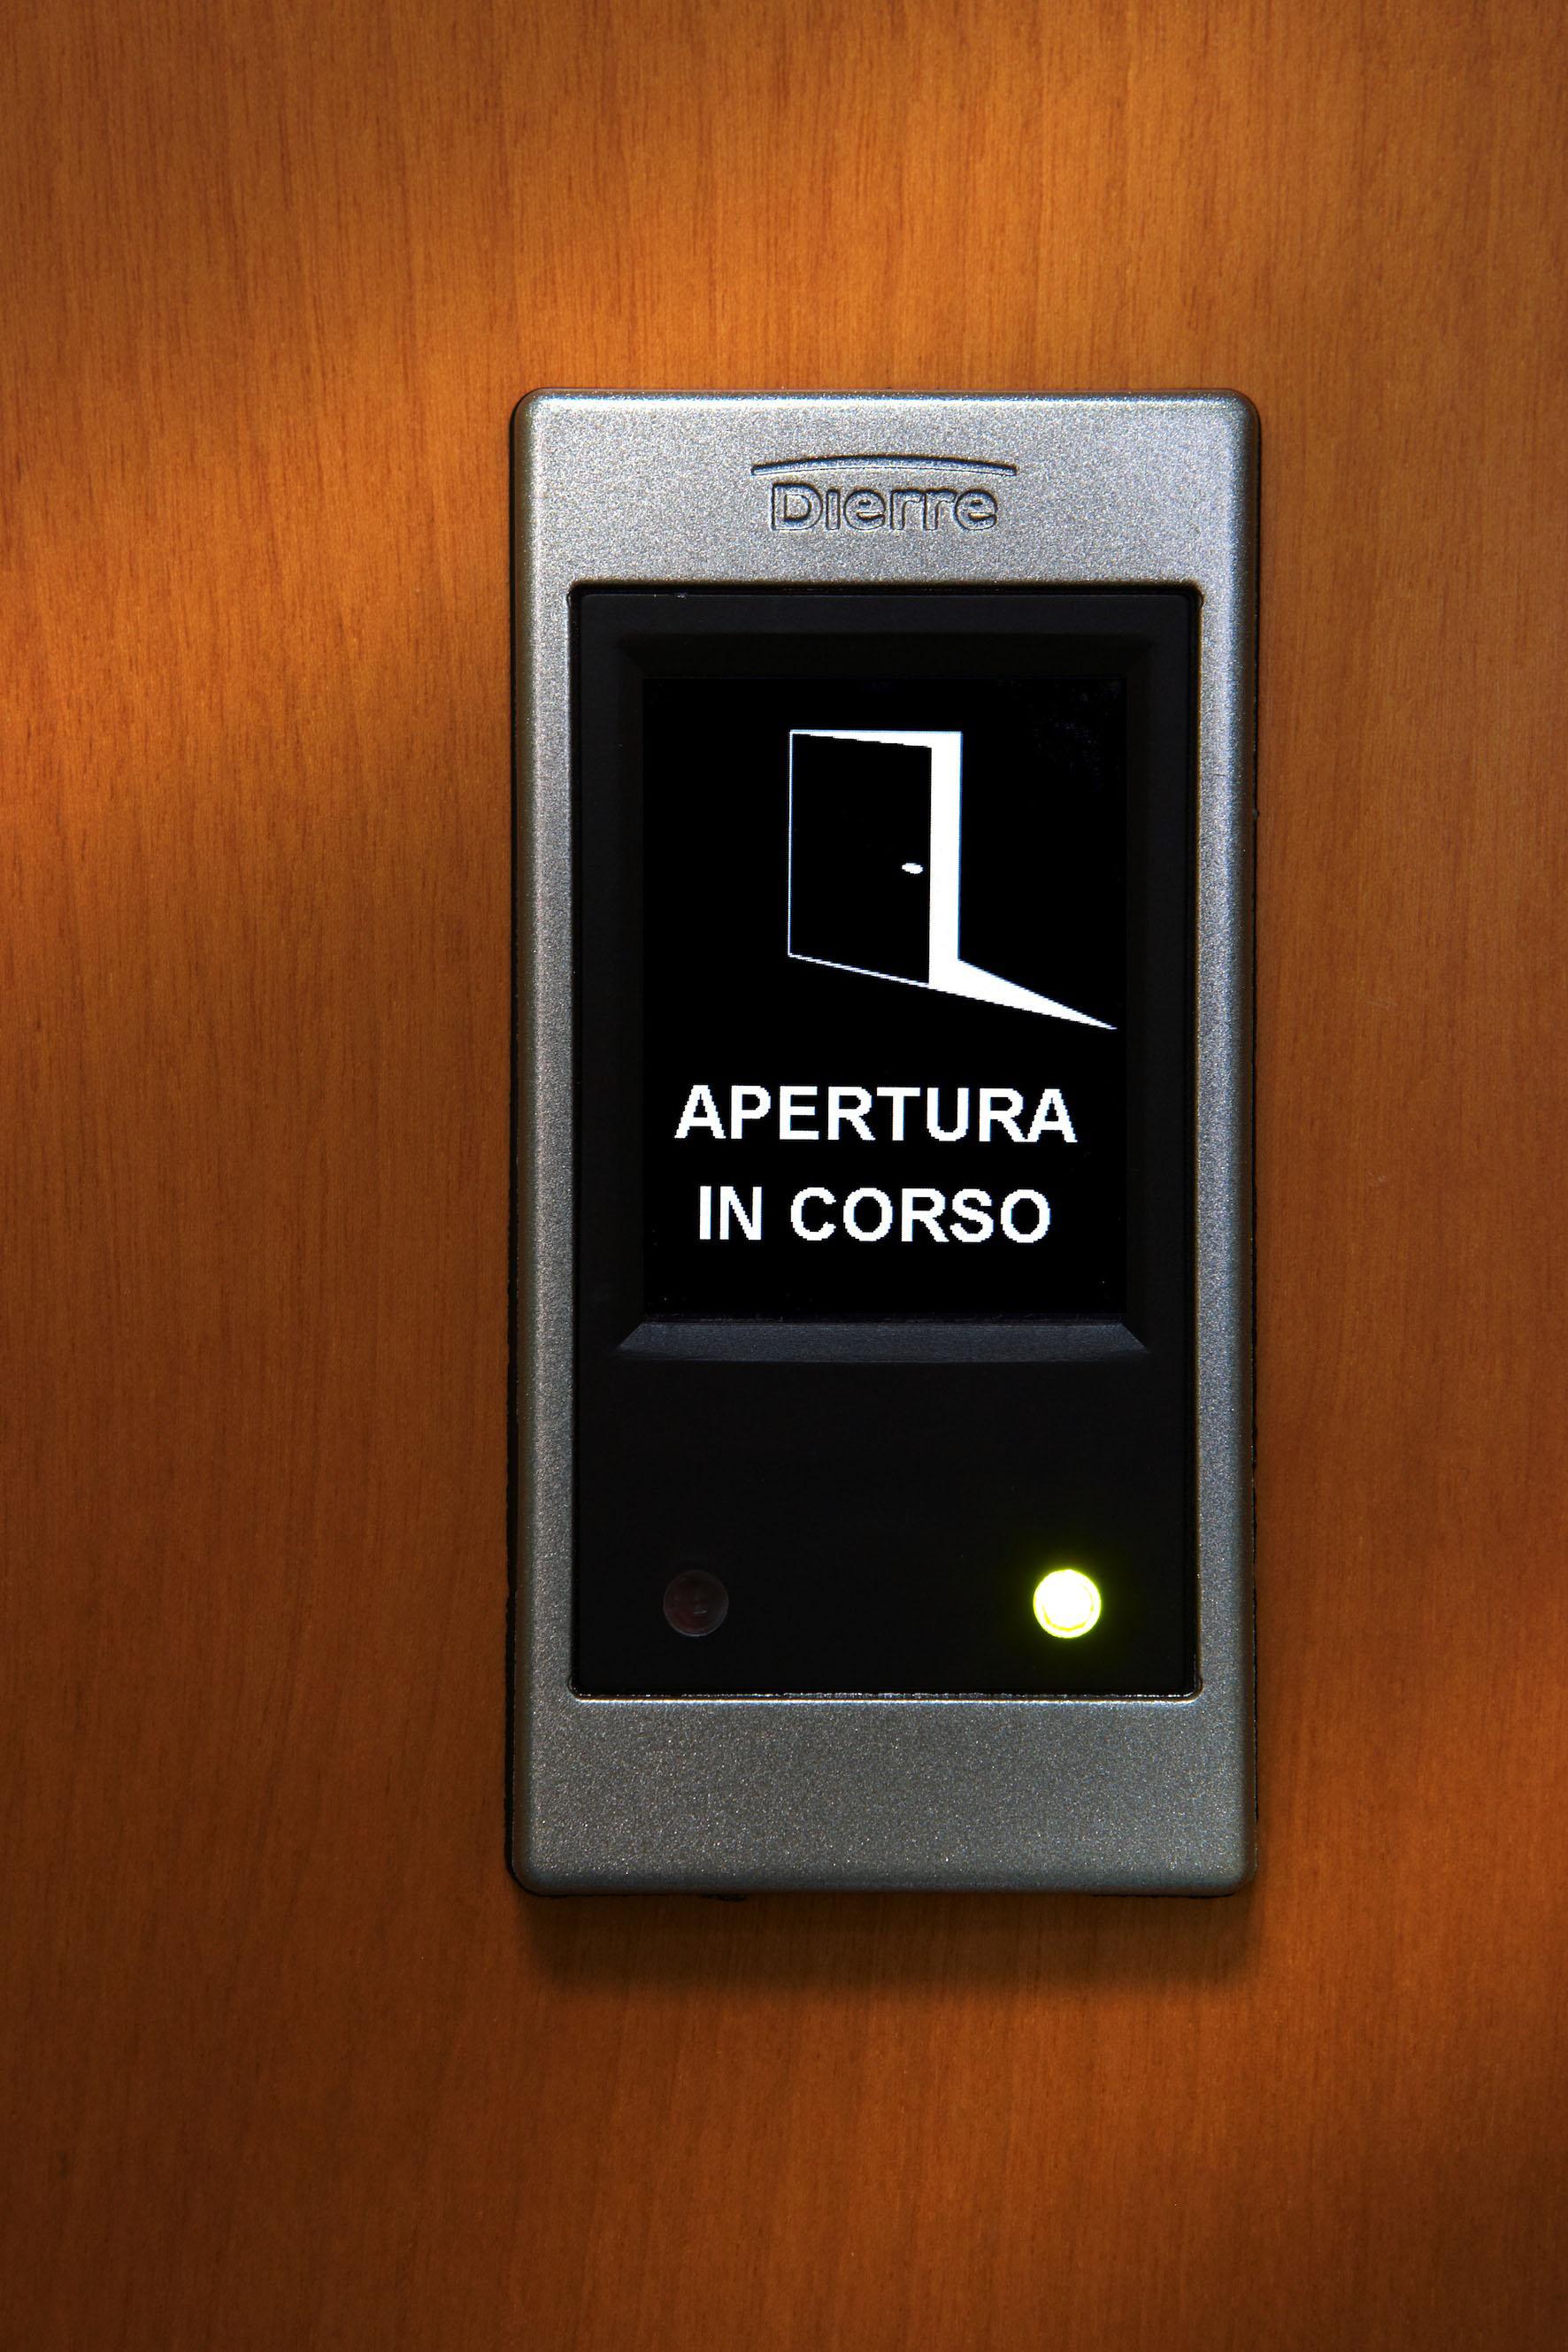 dierre-porta-blindata-hibry-lato-interno-dettaglio-della-mostrina-2-17963